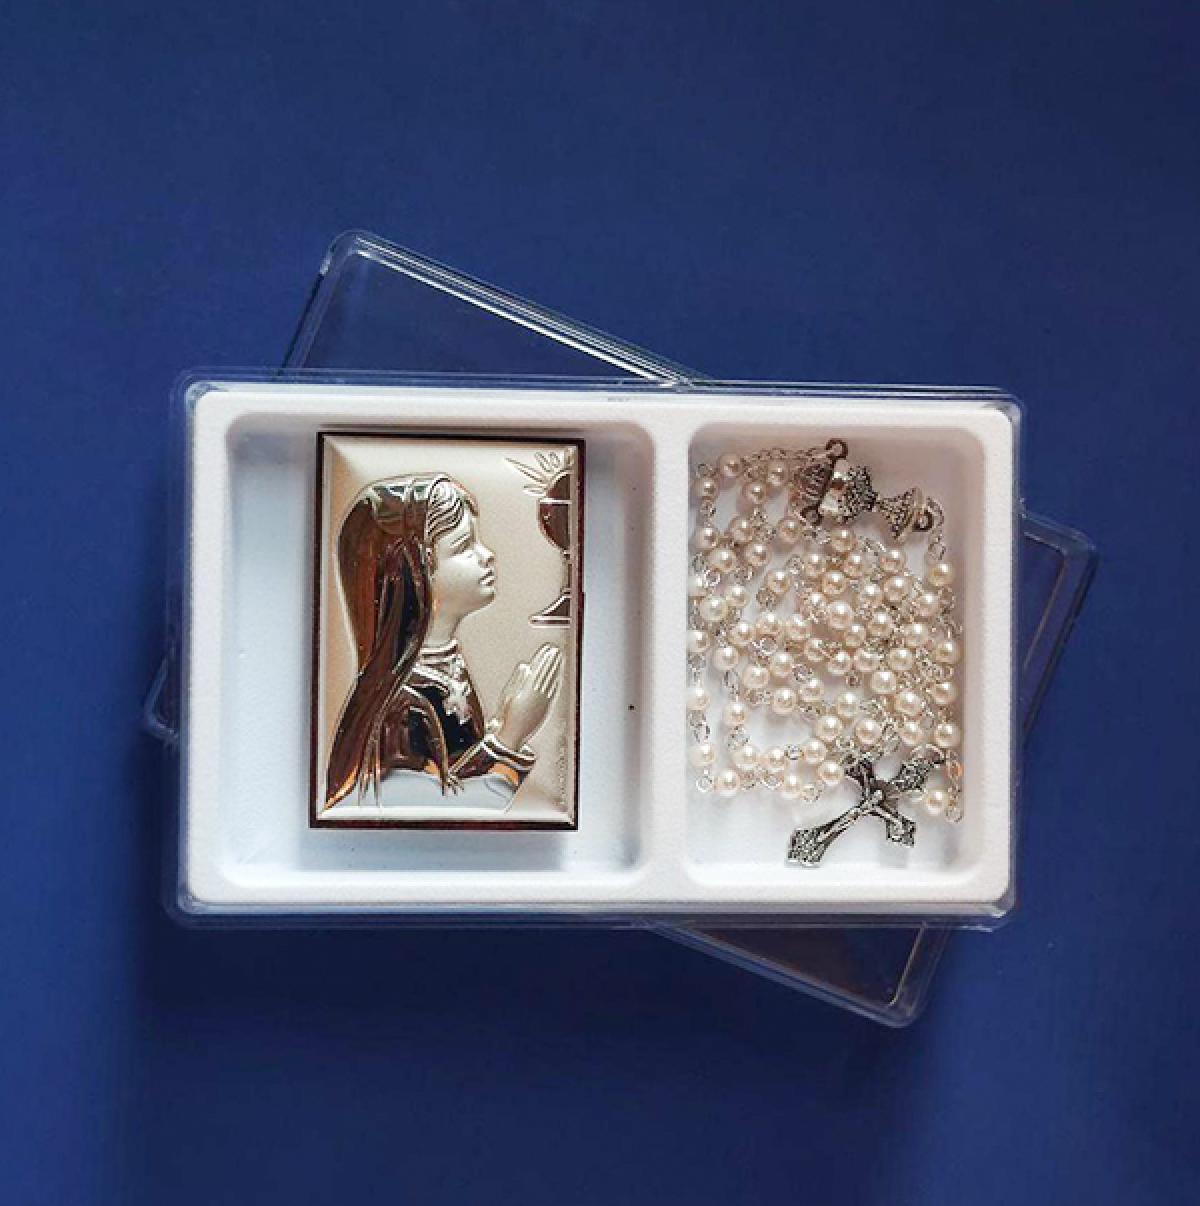 Подарунковий набір до свята Першої сповіді для дівчинки: срібний образ та вервиця